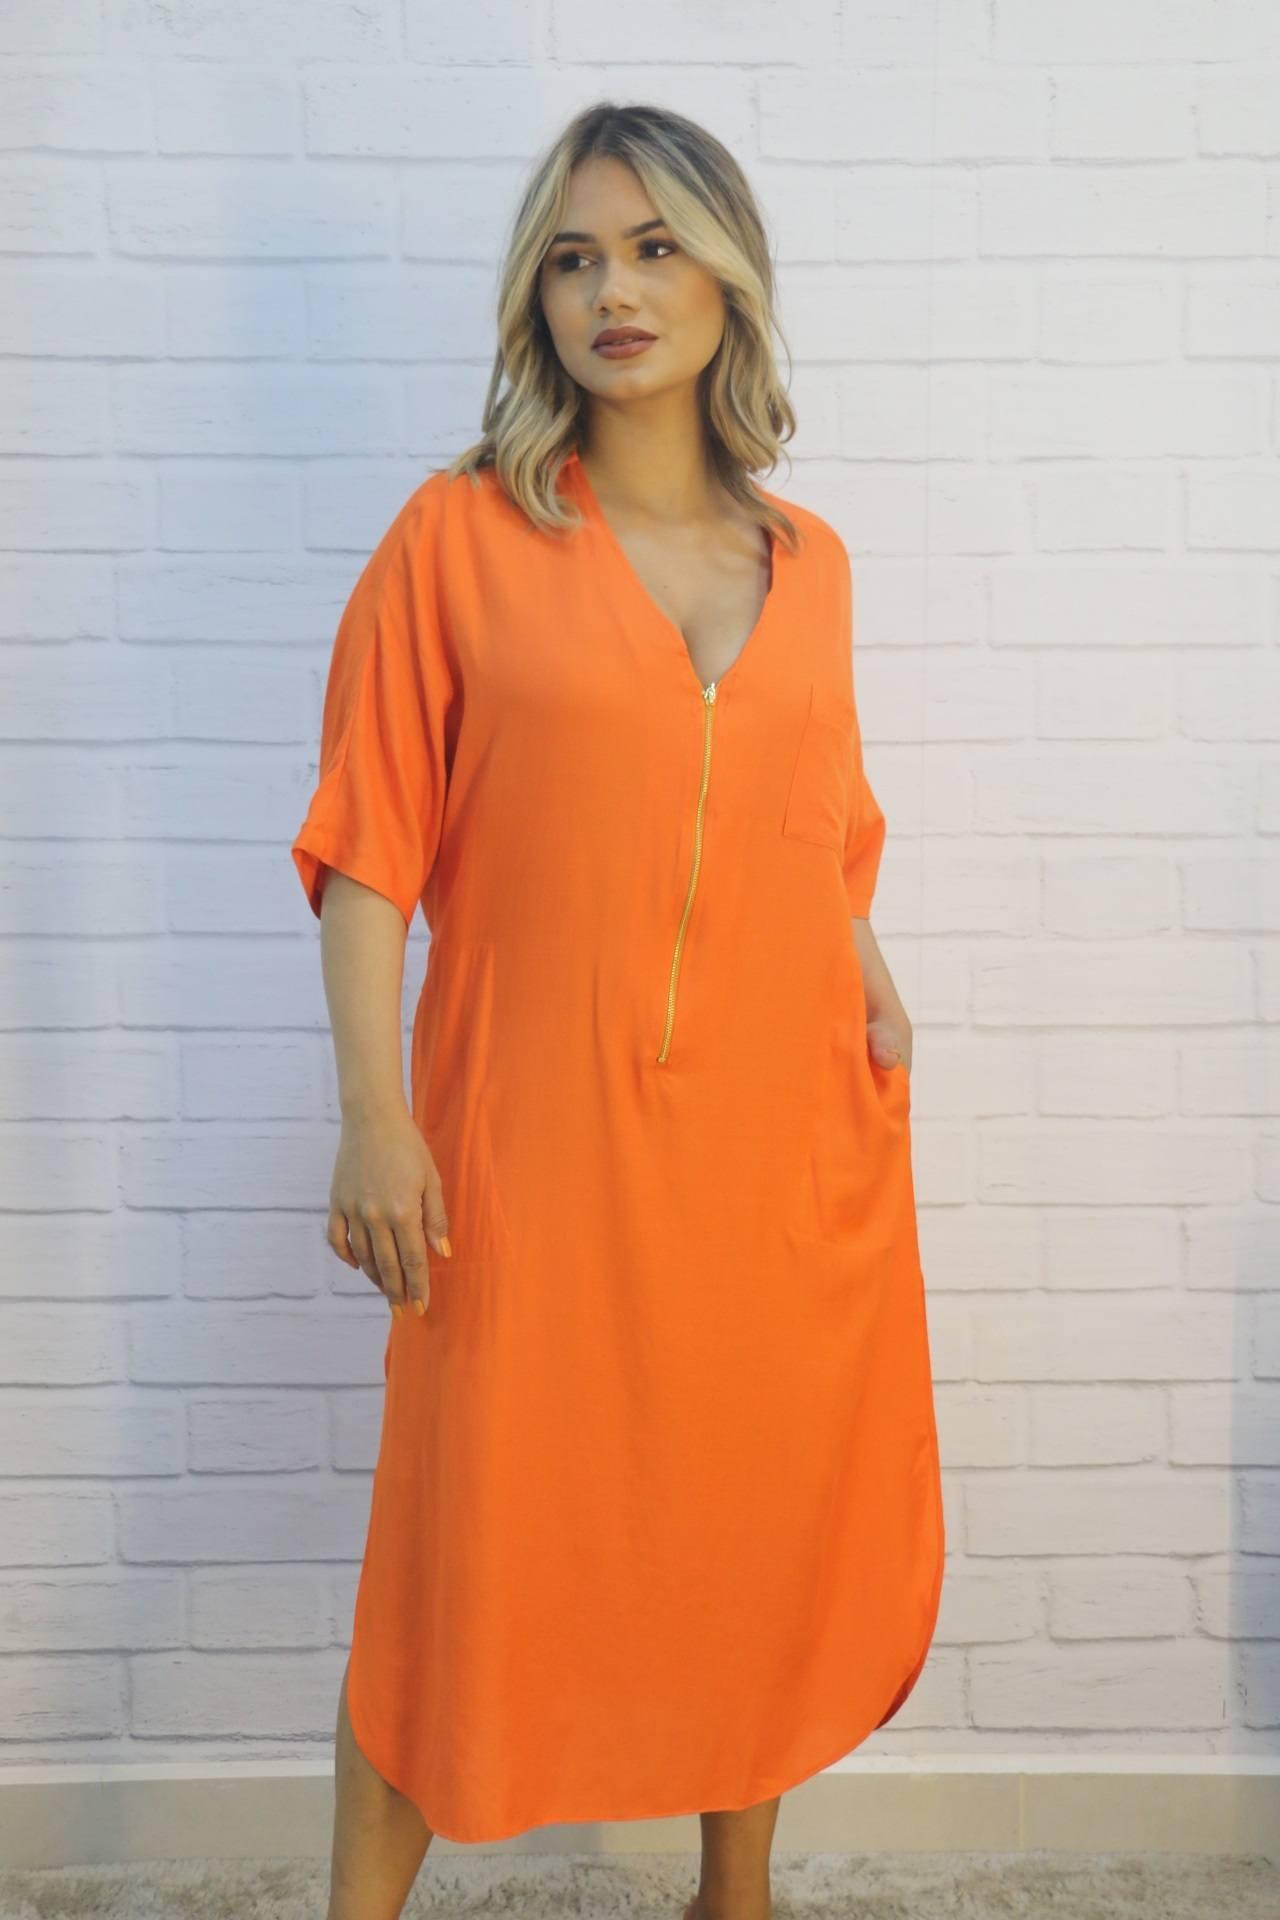 Vestido Túnica Modelagem Solta com Zíper no Decote Amarelo Mix